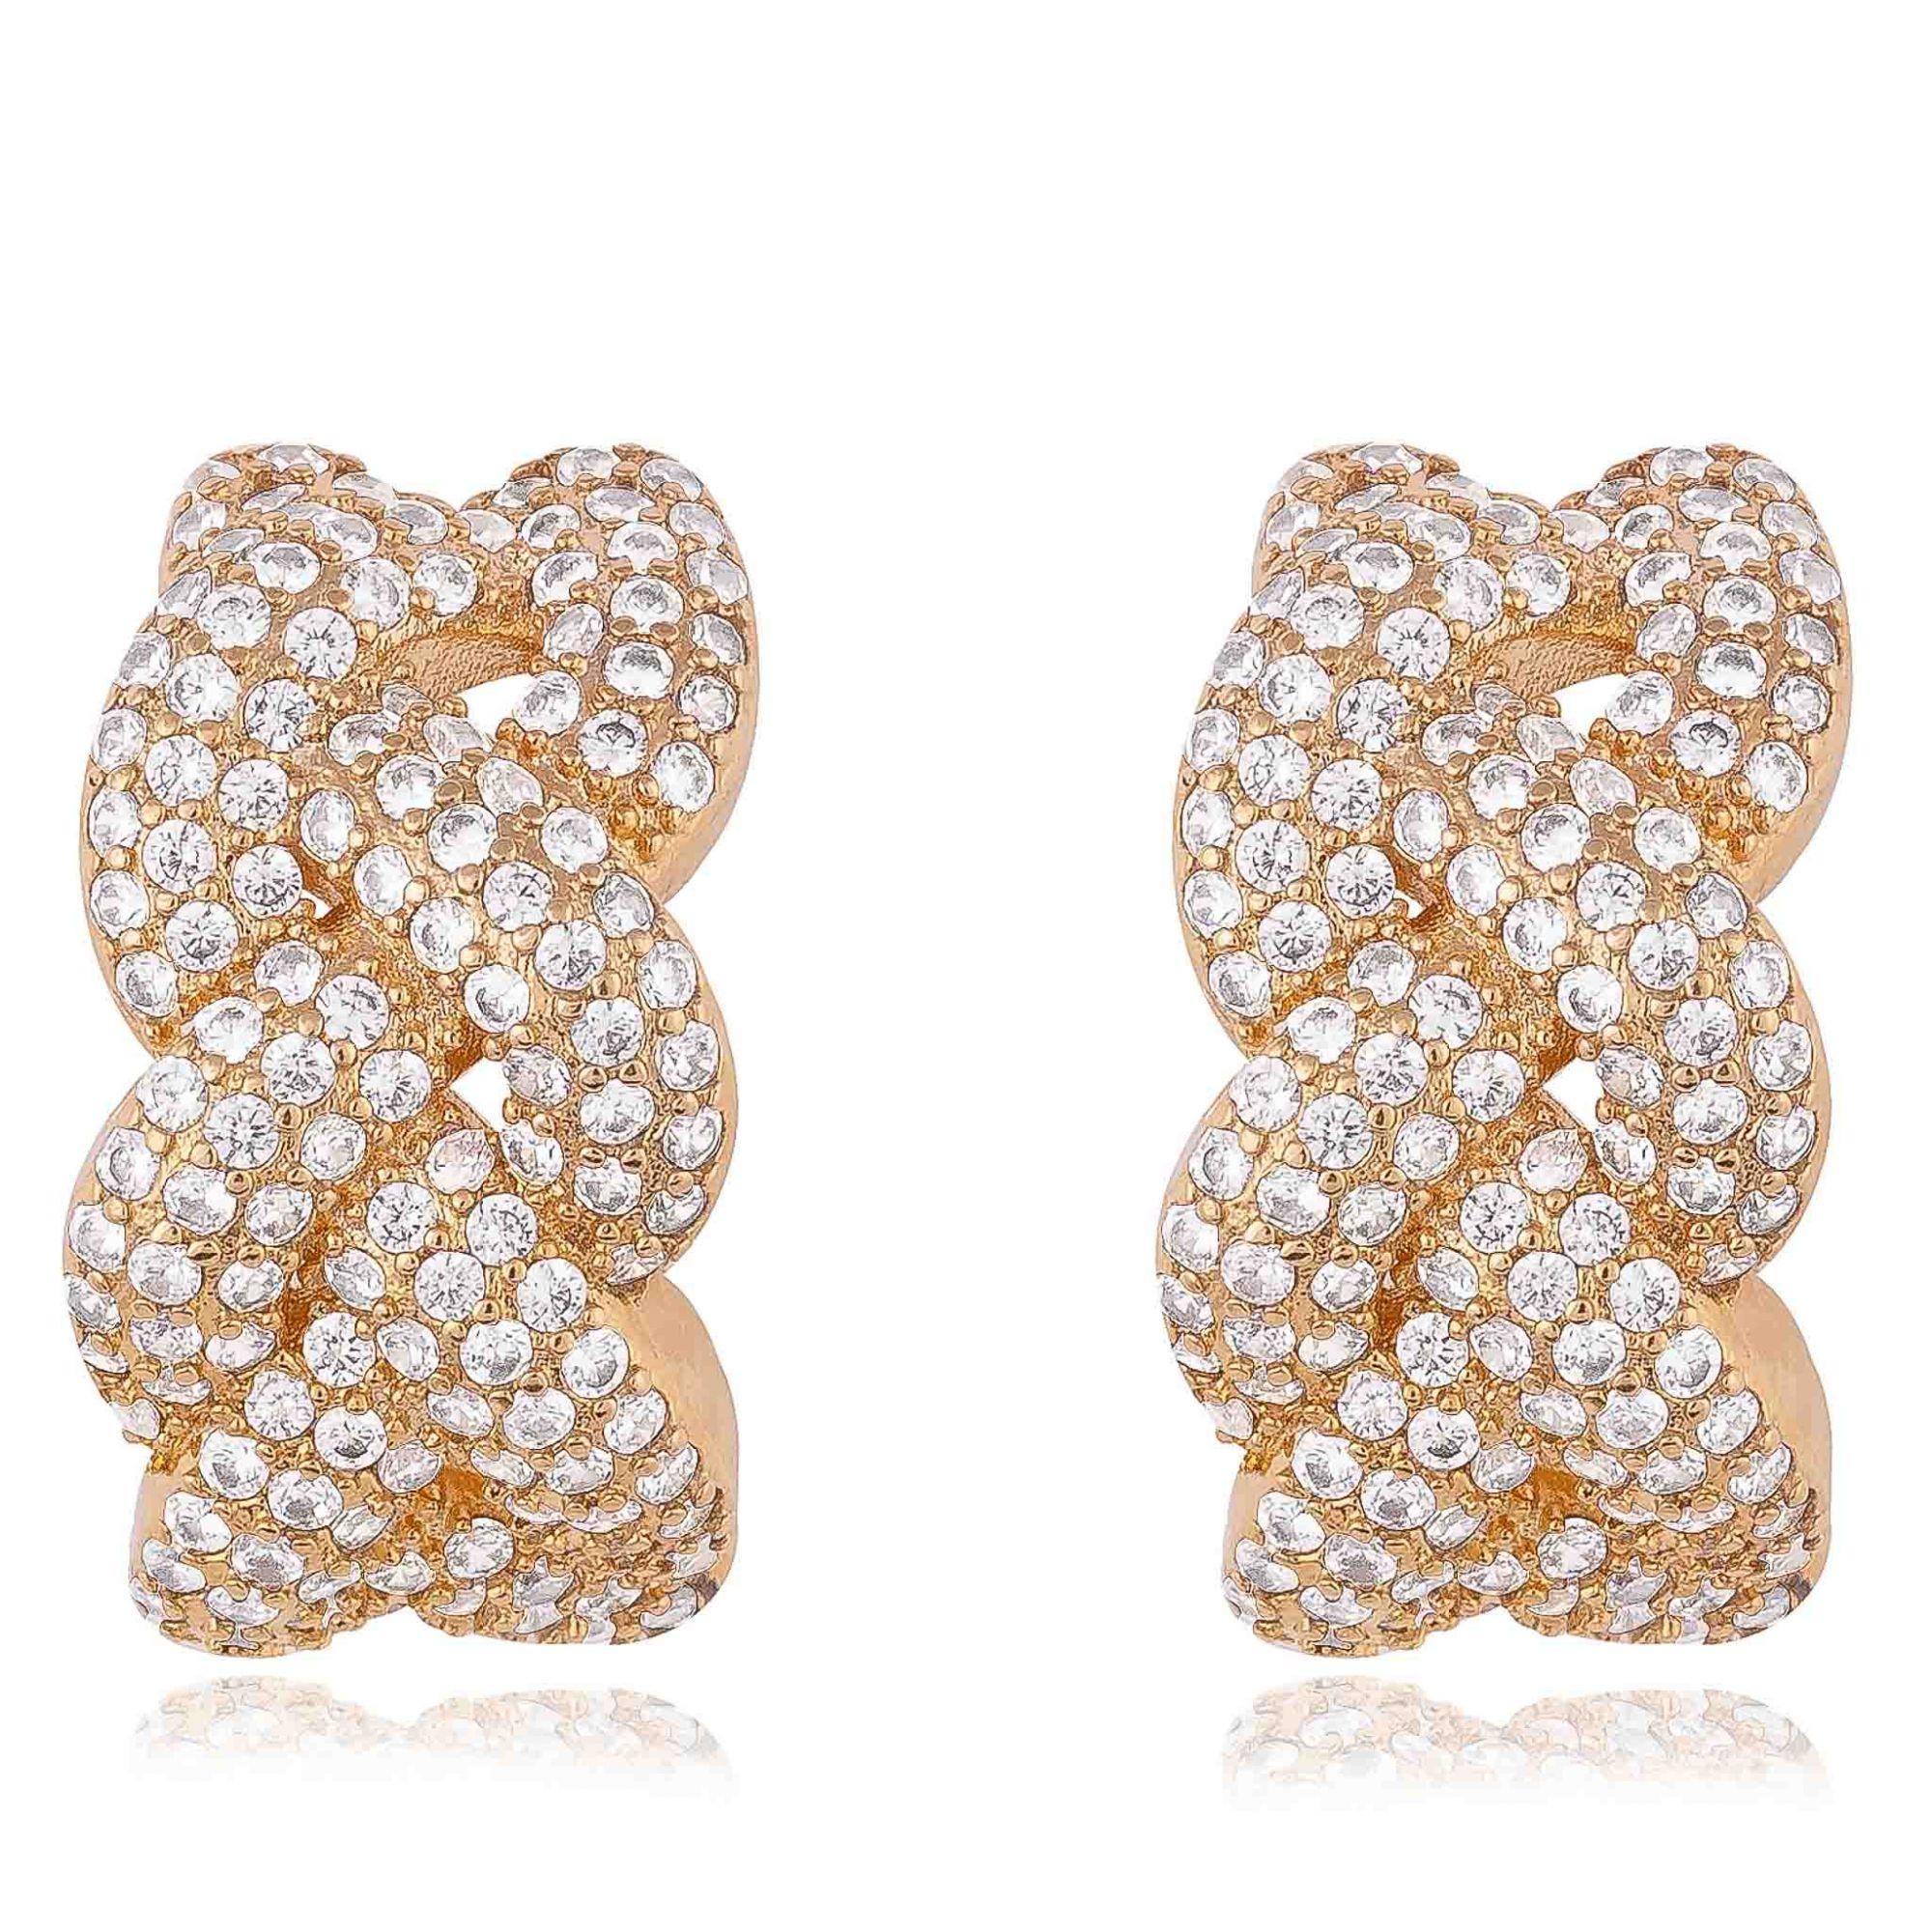 Brinco com micro zircônias cristais banhado a ouro 18k.  - romabrazil.com.br